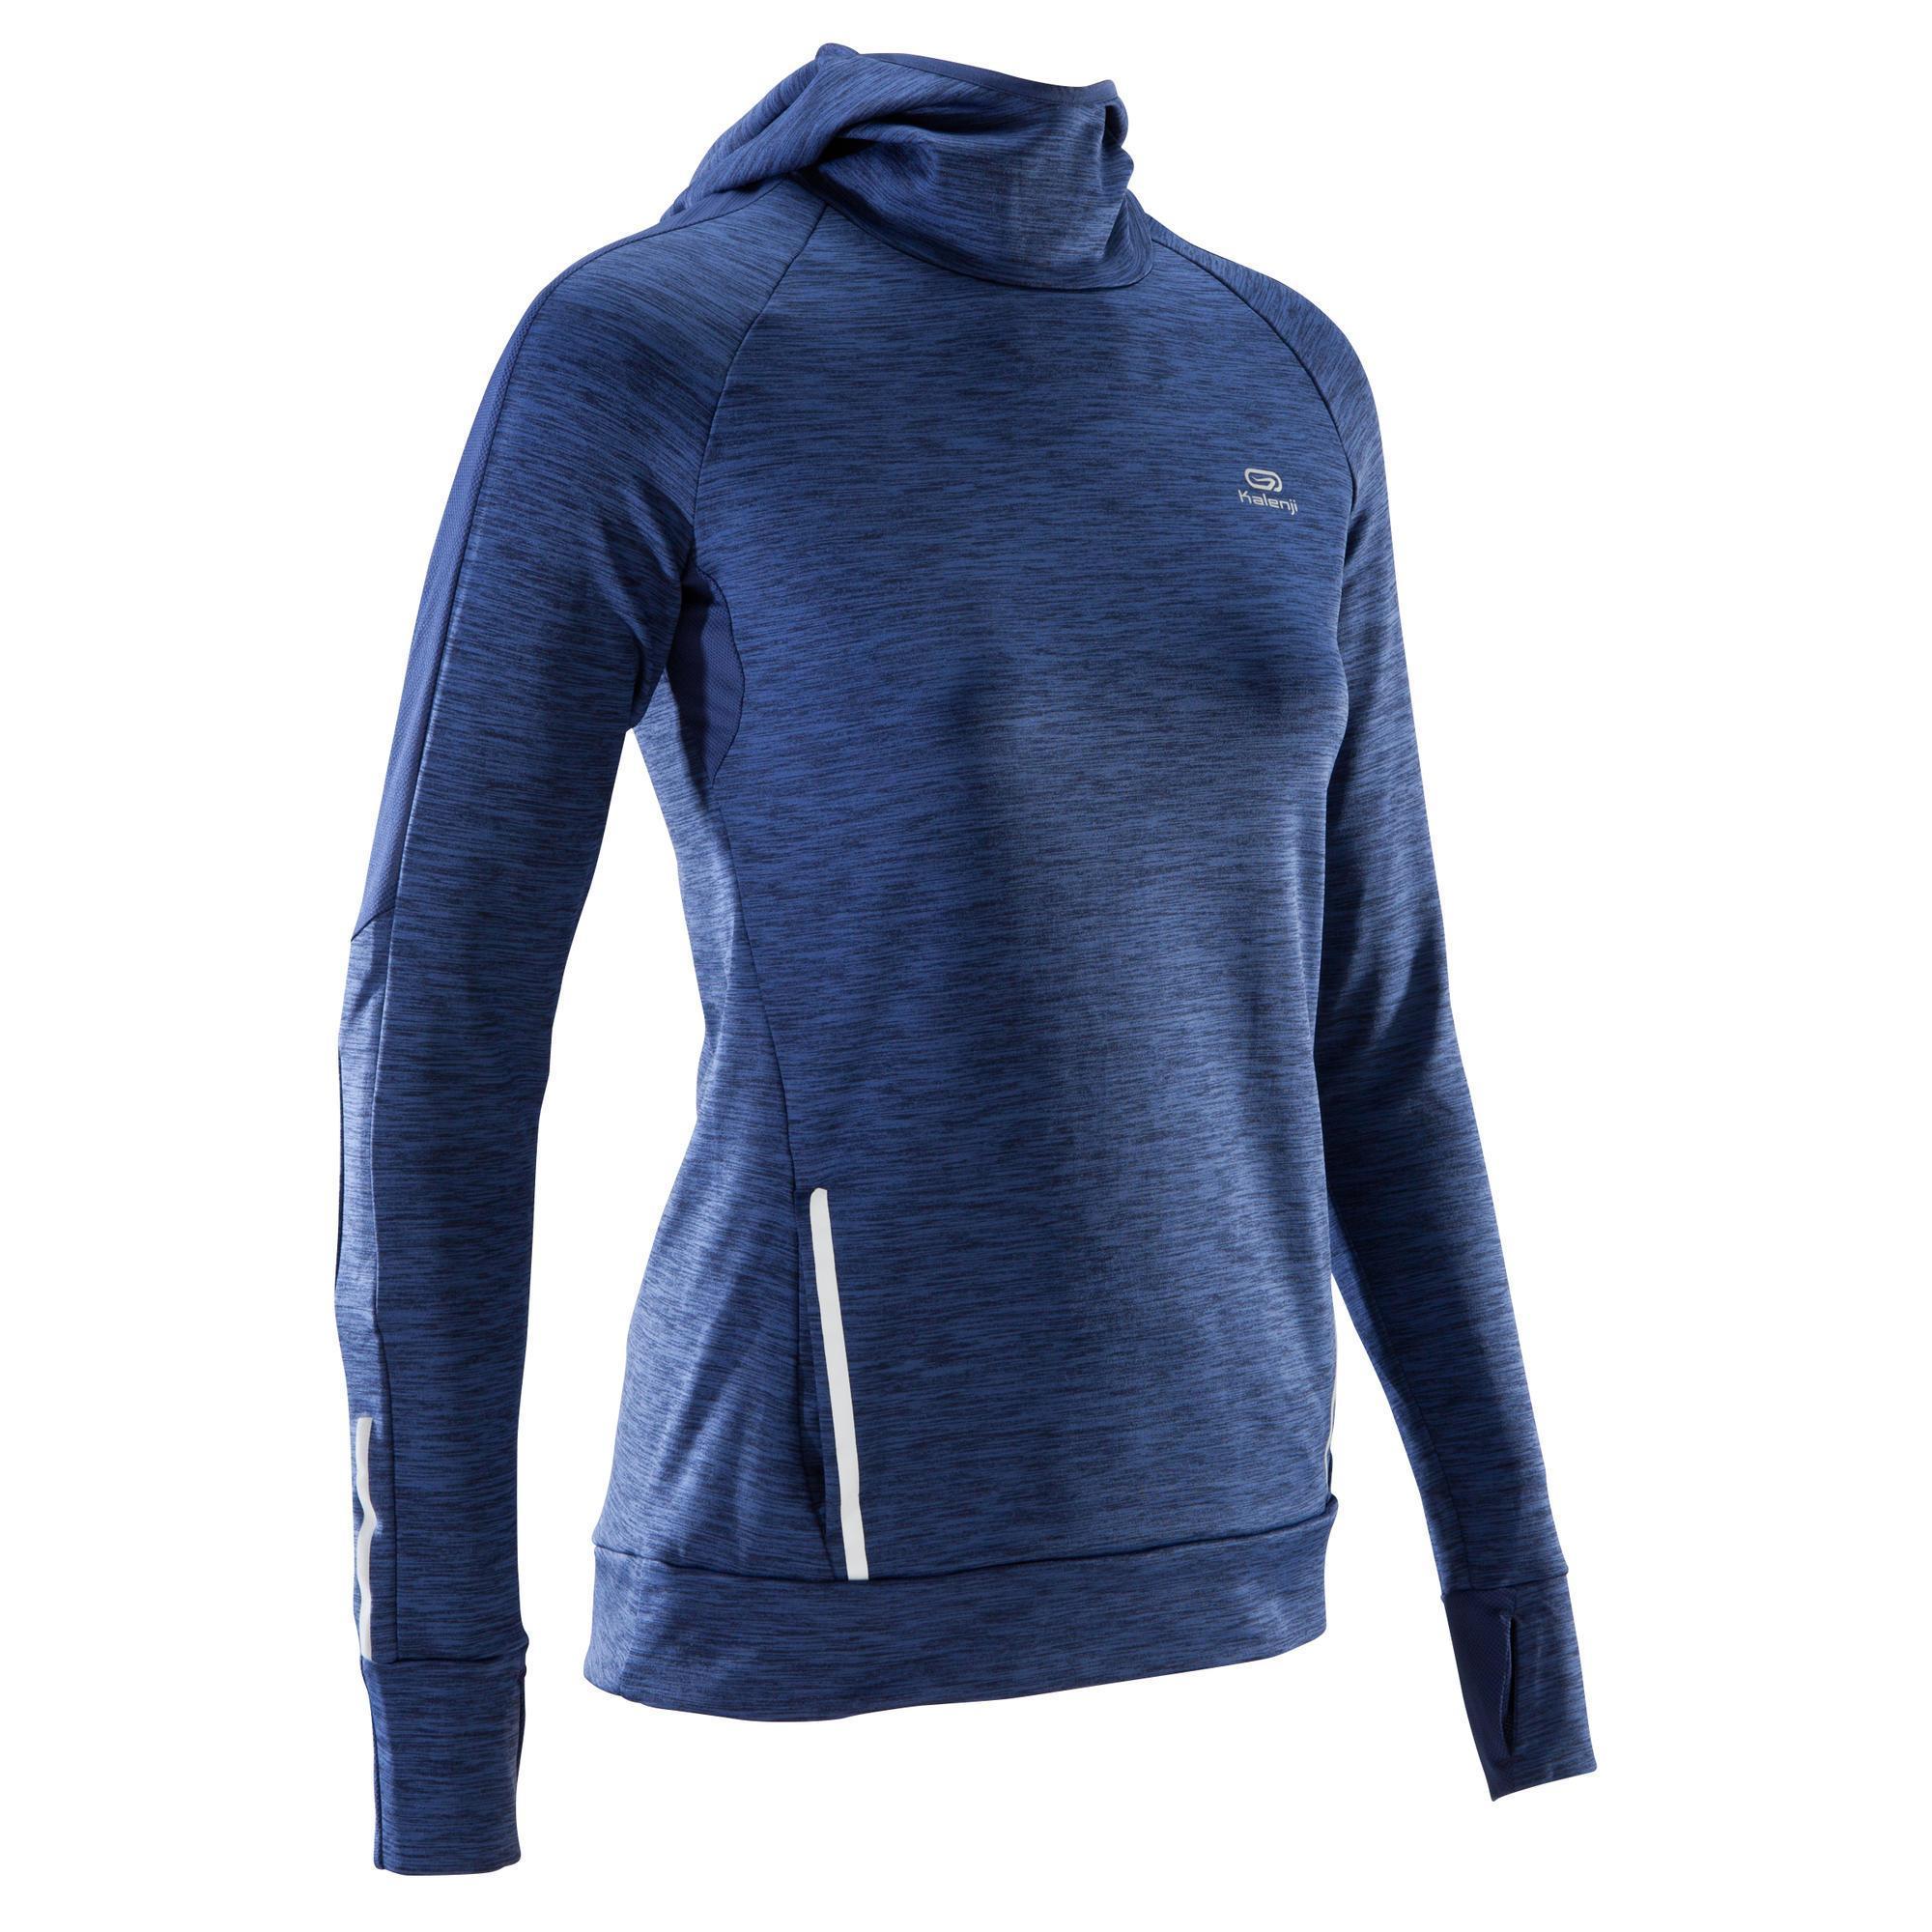 b6cb3ca3642 Kalenji Hoodie met lange mouwen jogging dames Run Warm marineblauw